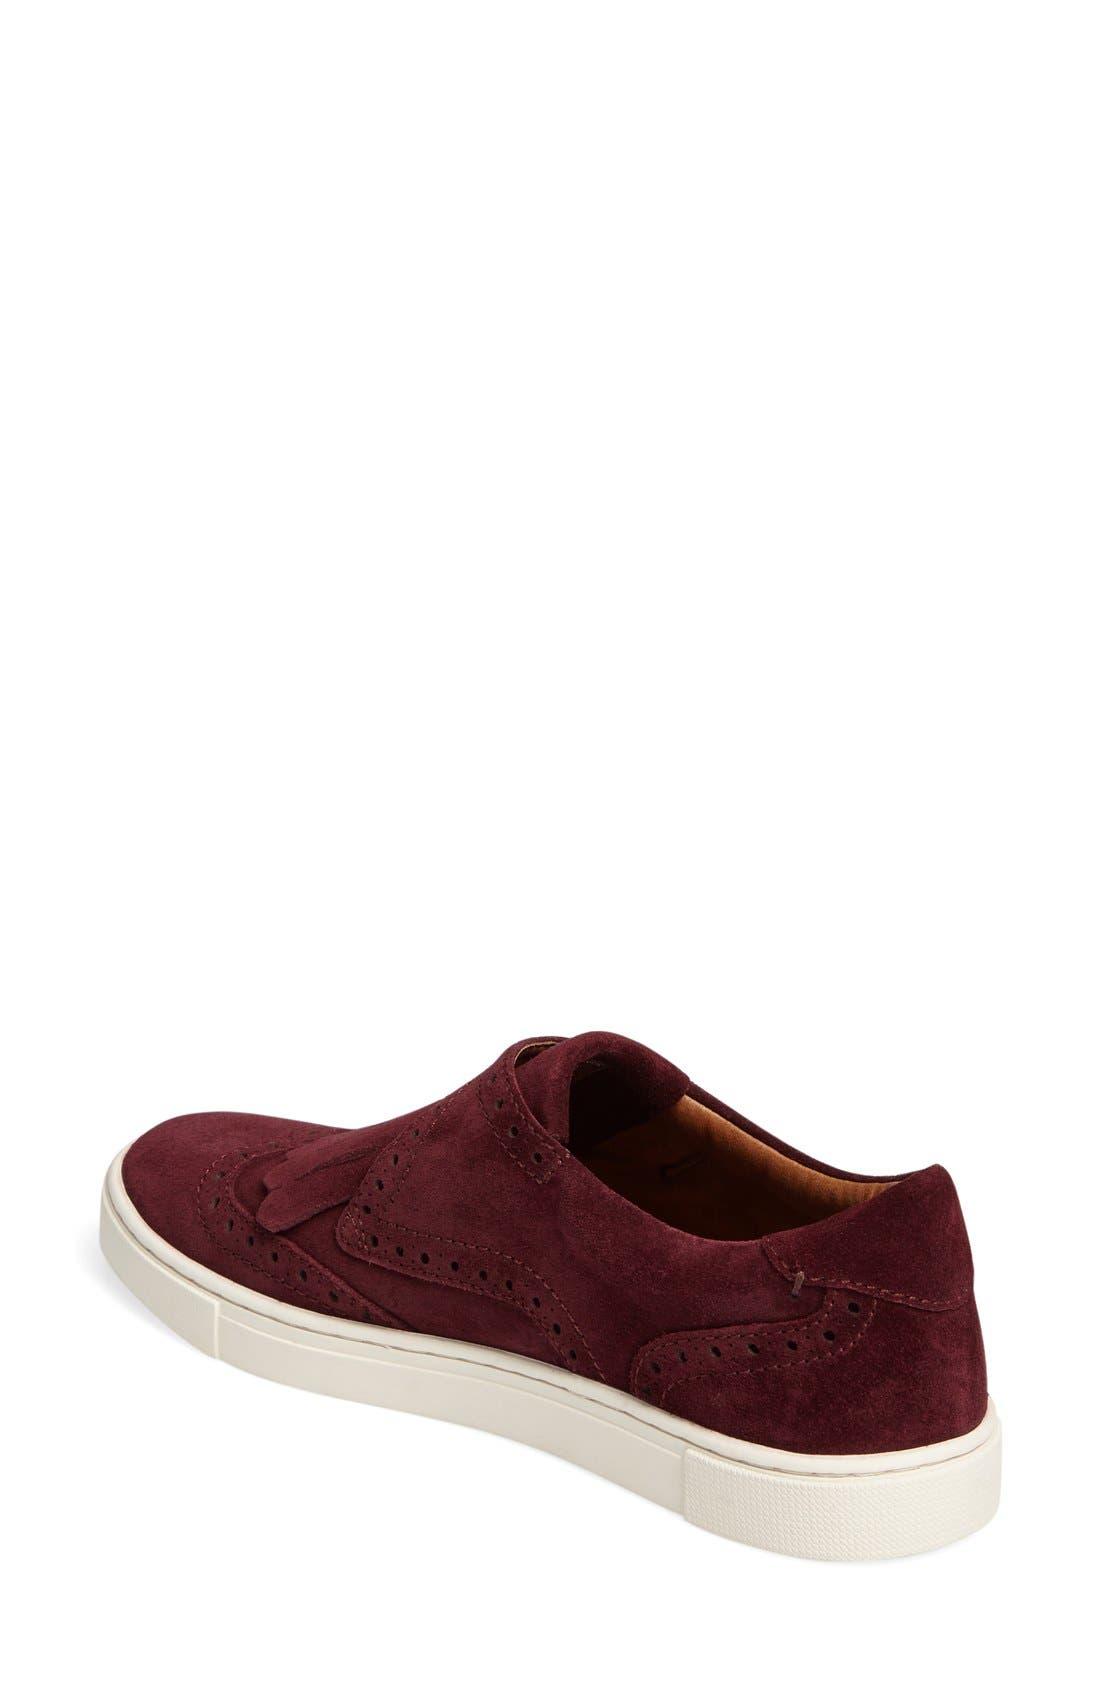 'Gemma' Kiltie Slip On-Sneaker,                             Alternate thumbnail 20, color,